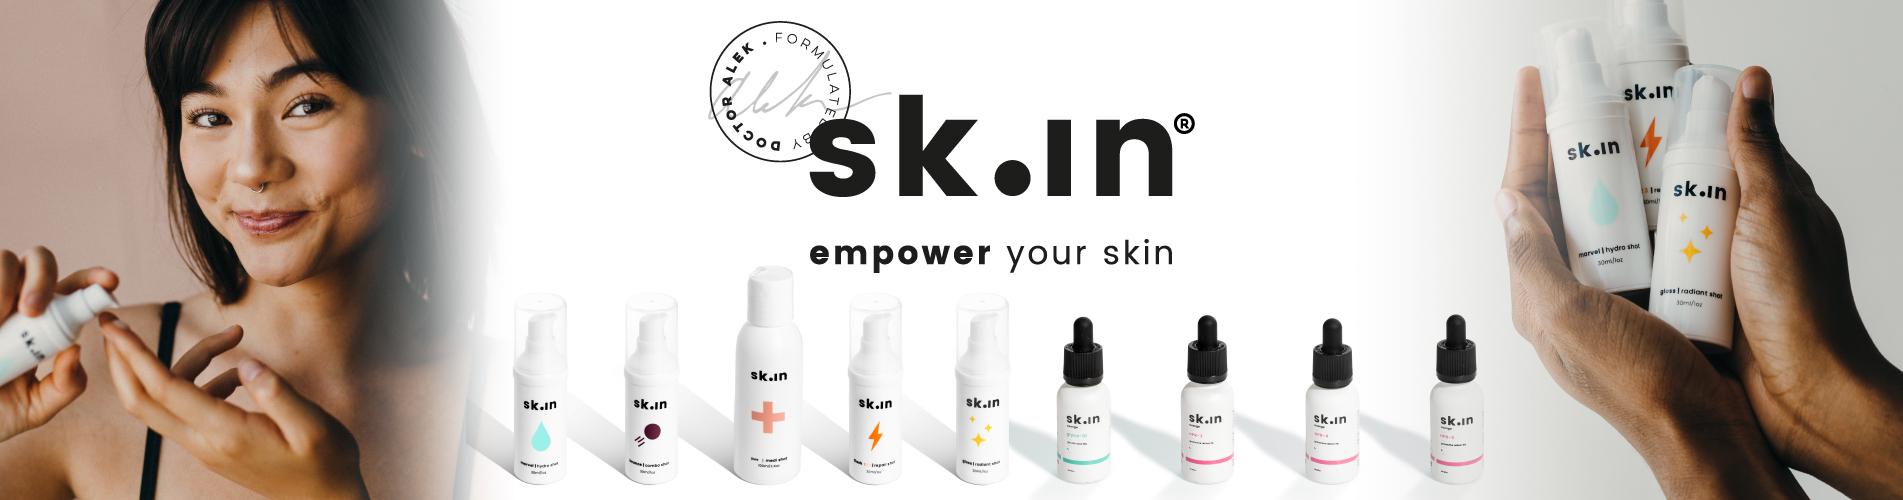 skin ingredients - sk.in